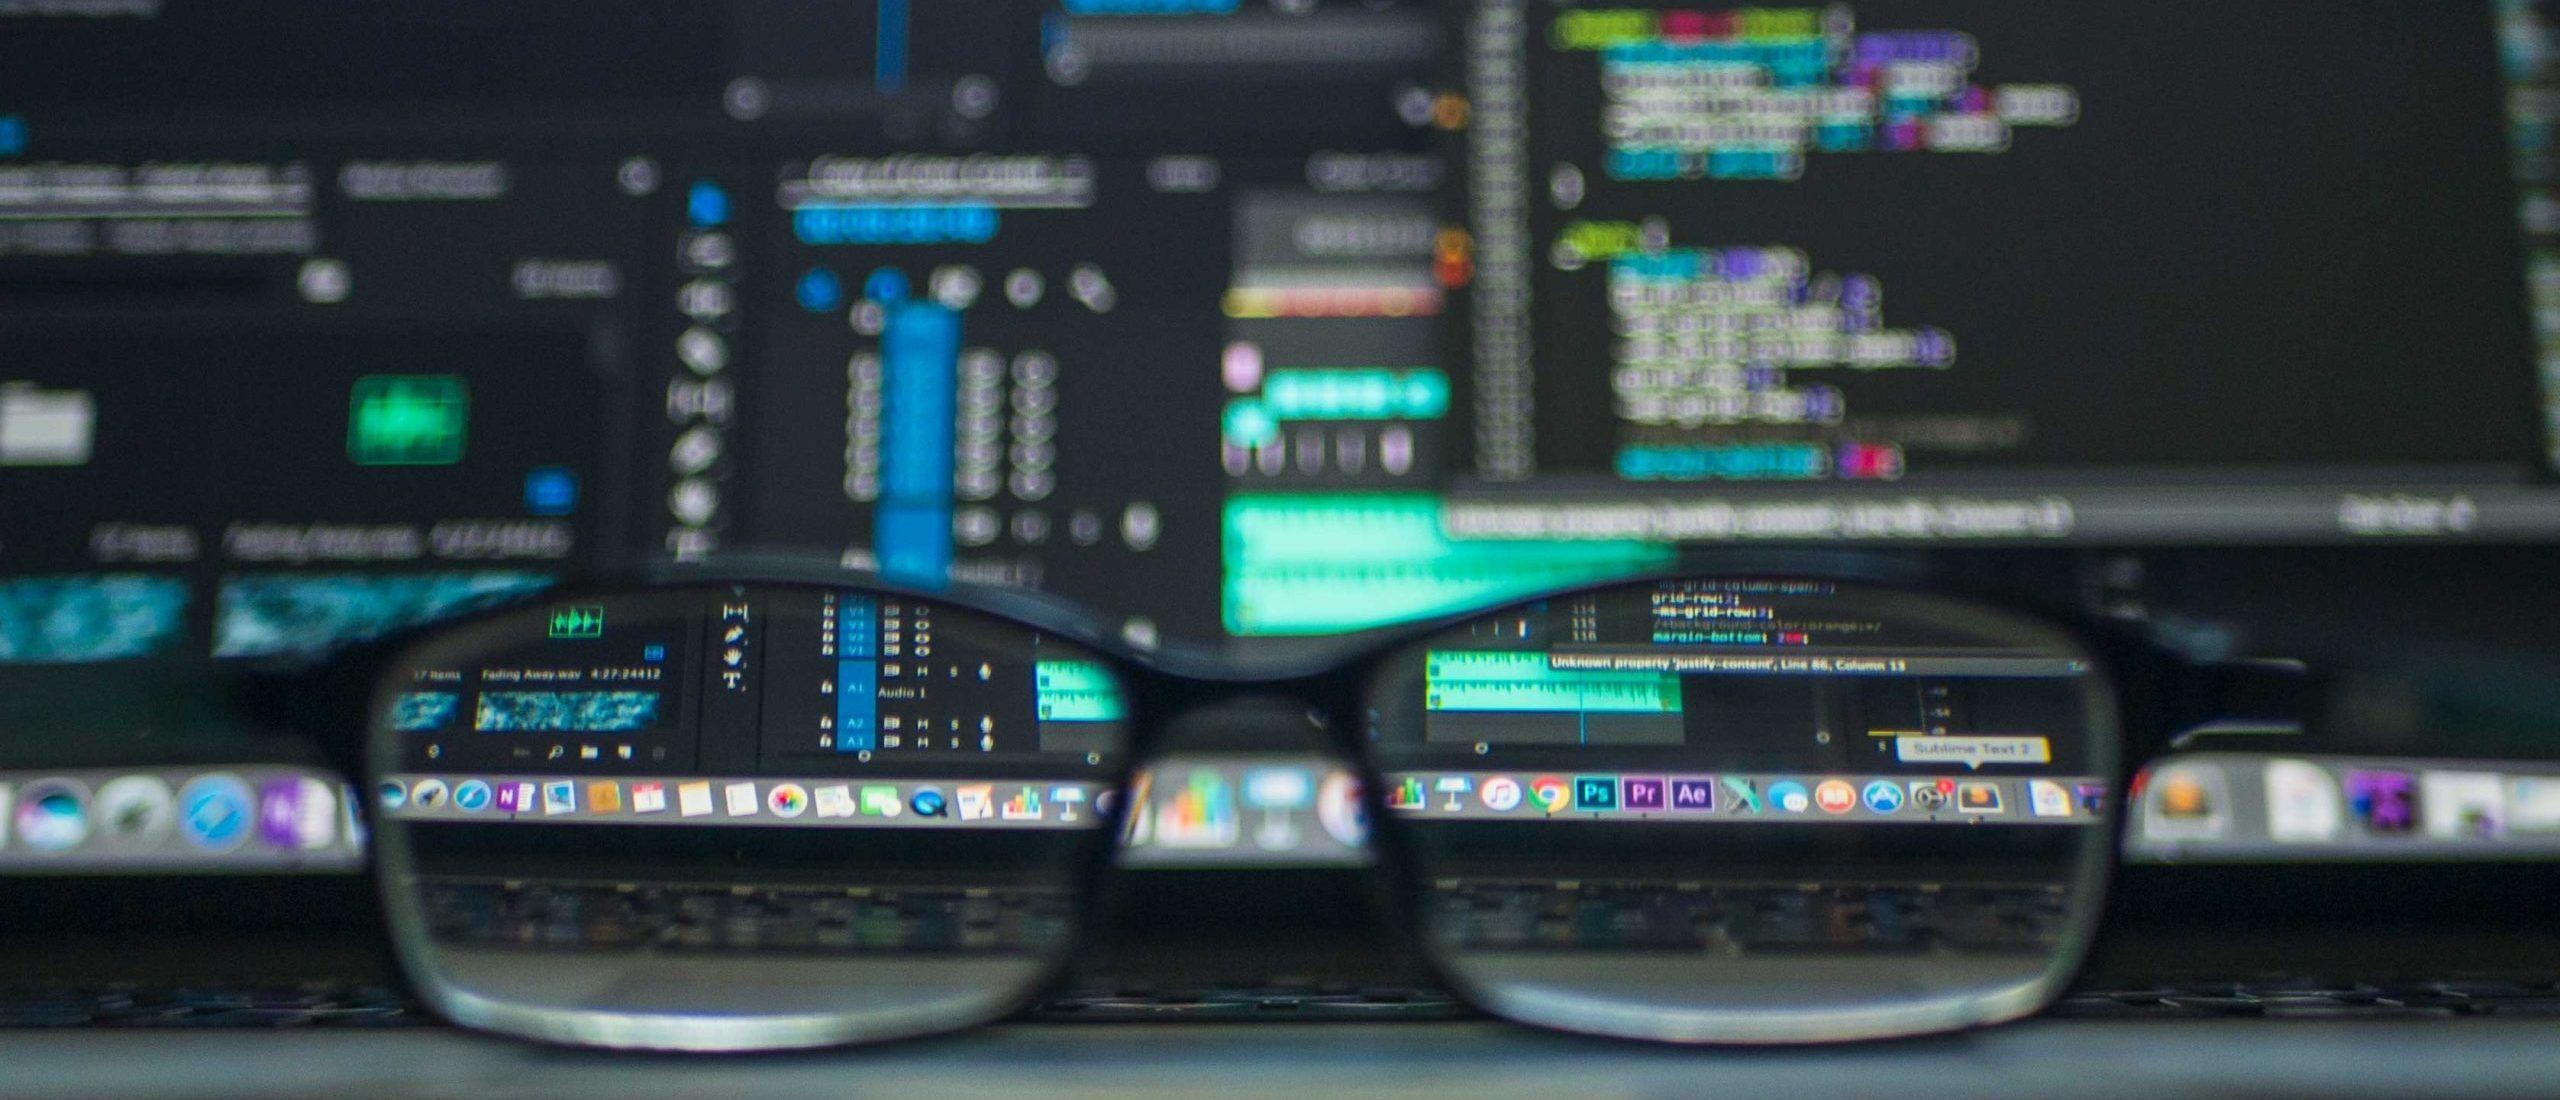 Daten erfassen und Services gestalten